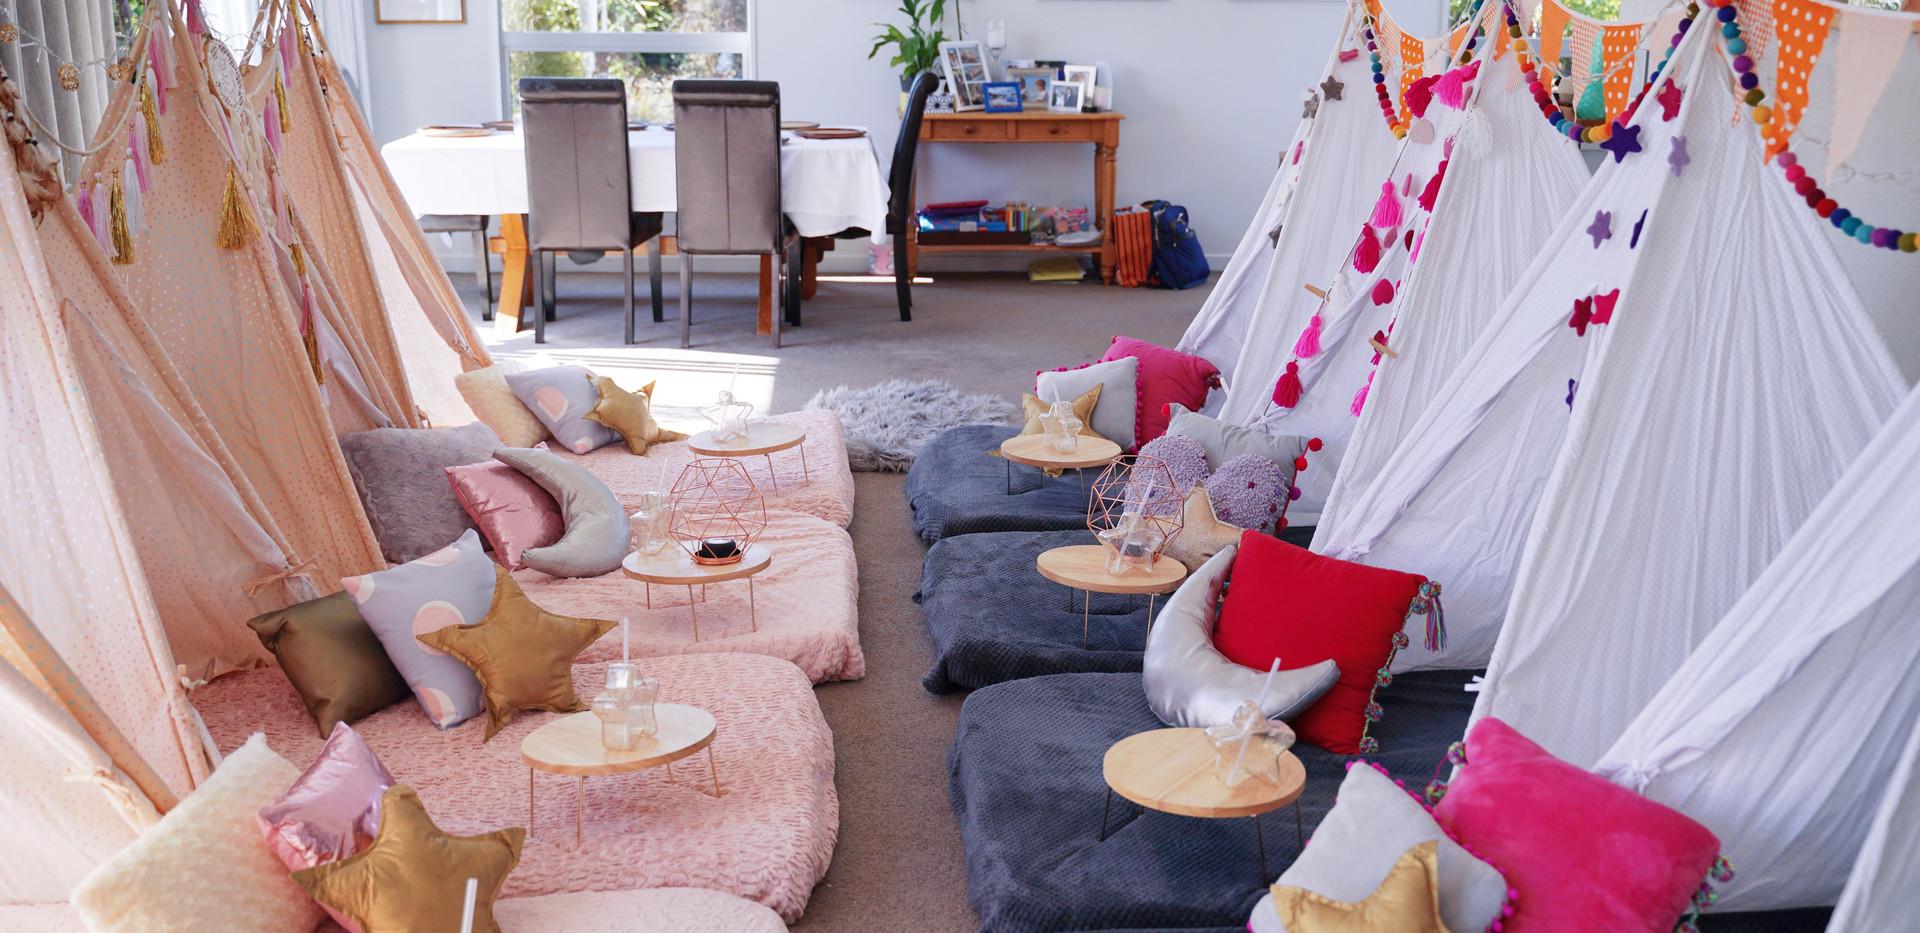 Dual Theme Sleepover - Pompon Party & Boho Night